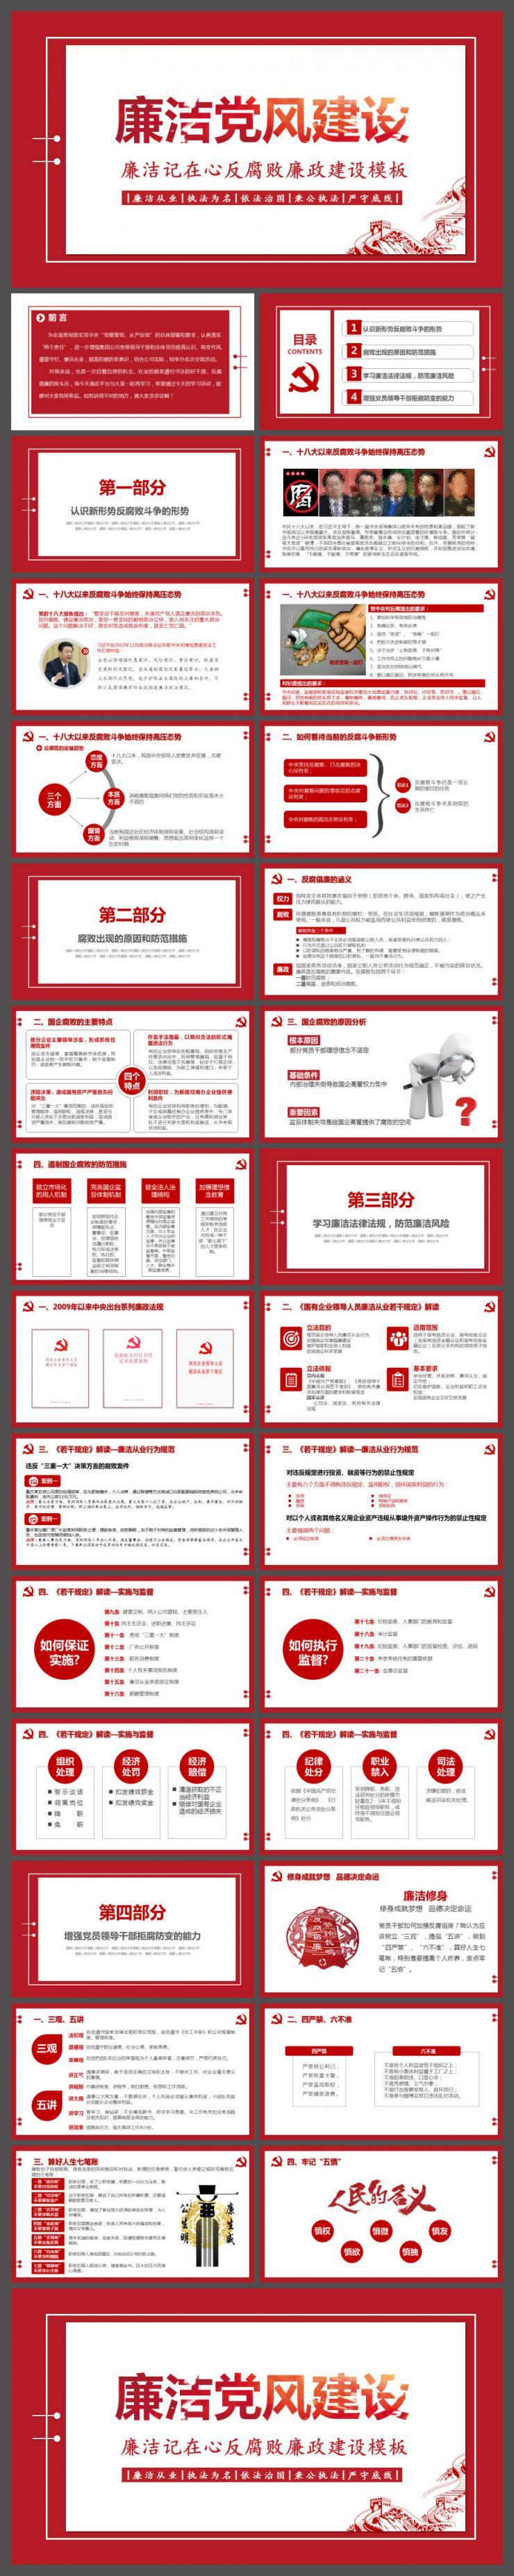 廉政反腐工作建设宣传PPT模板